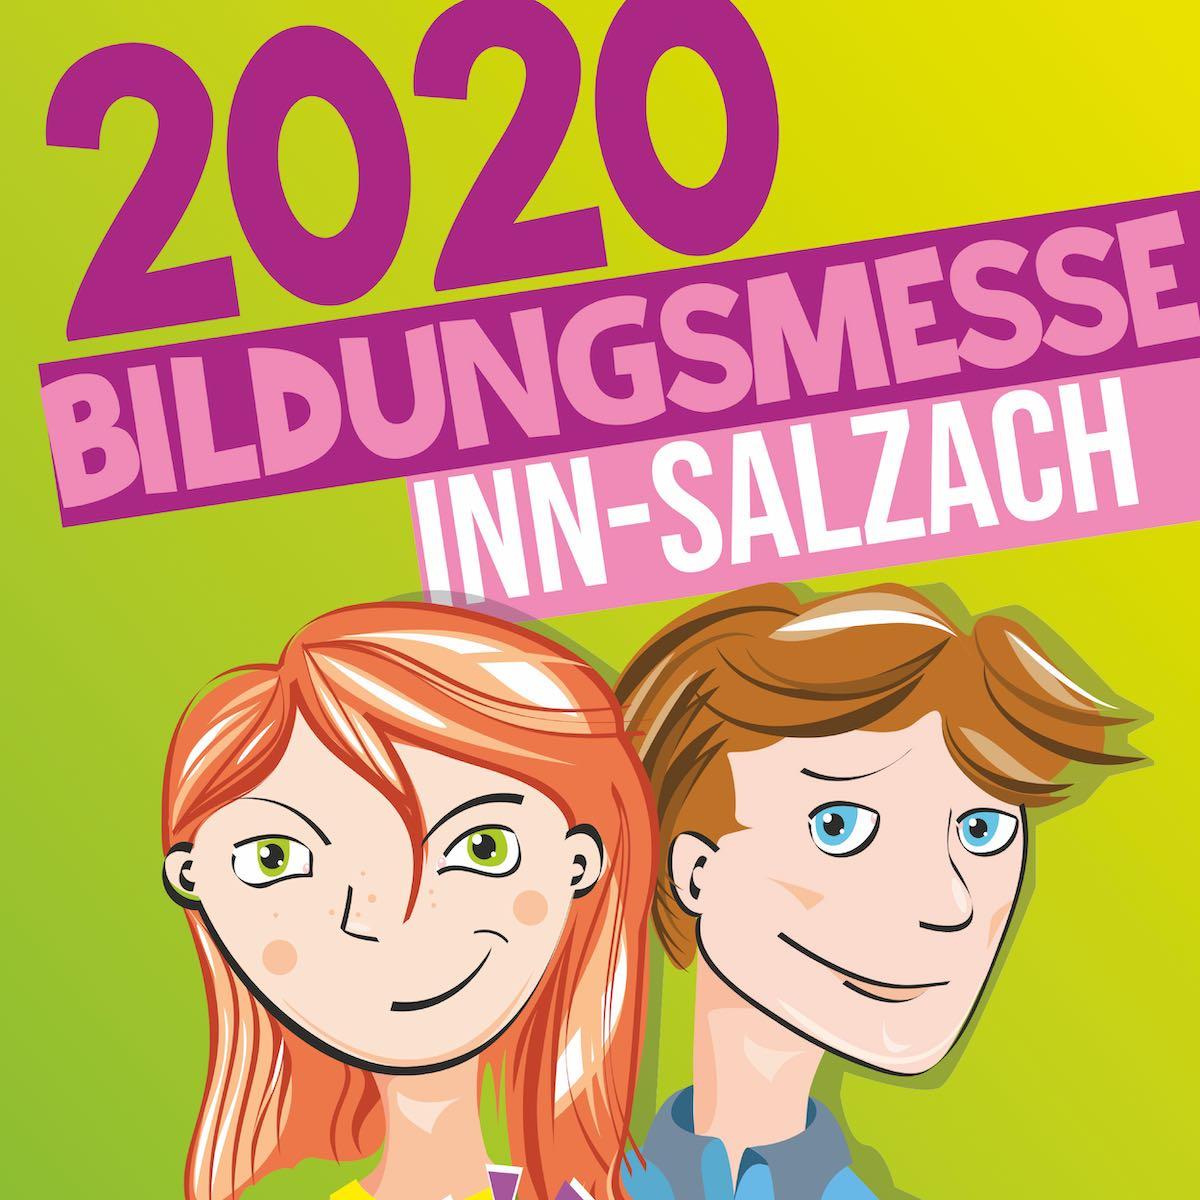 geschmacksRaum_WERBEAGENTUR_Die_Kultur-und_Kreativwirtschaft_auf_der_Bildungsmesse_Inn-Salzach_B-f